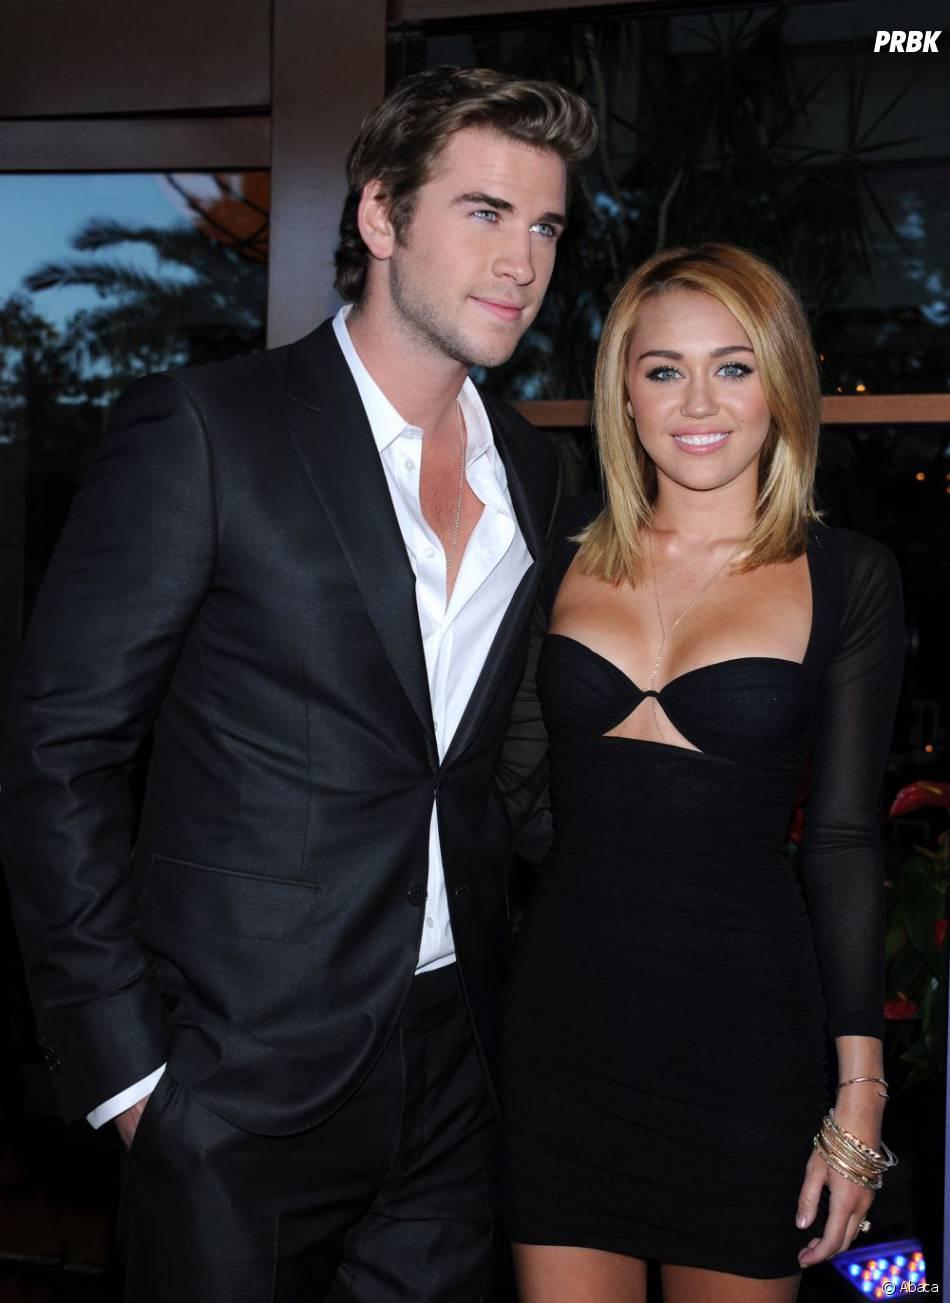 Tout serait fini entre Miley Cyrus et Liam Hemsworth